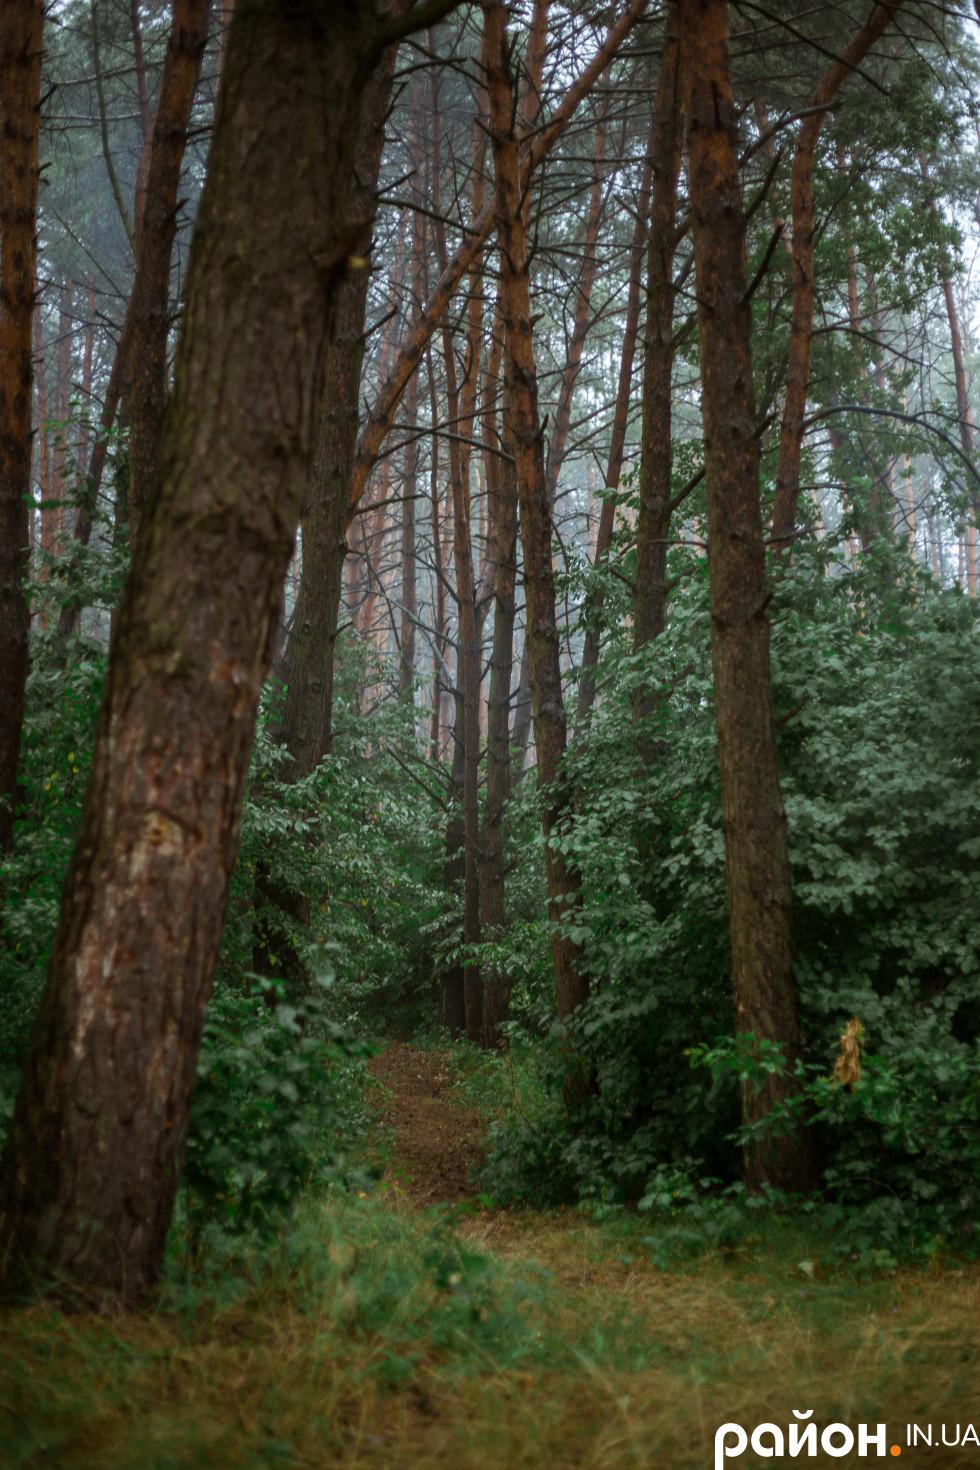 Перевалівський ліс має глибокий смарагдово-зелений колір